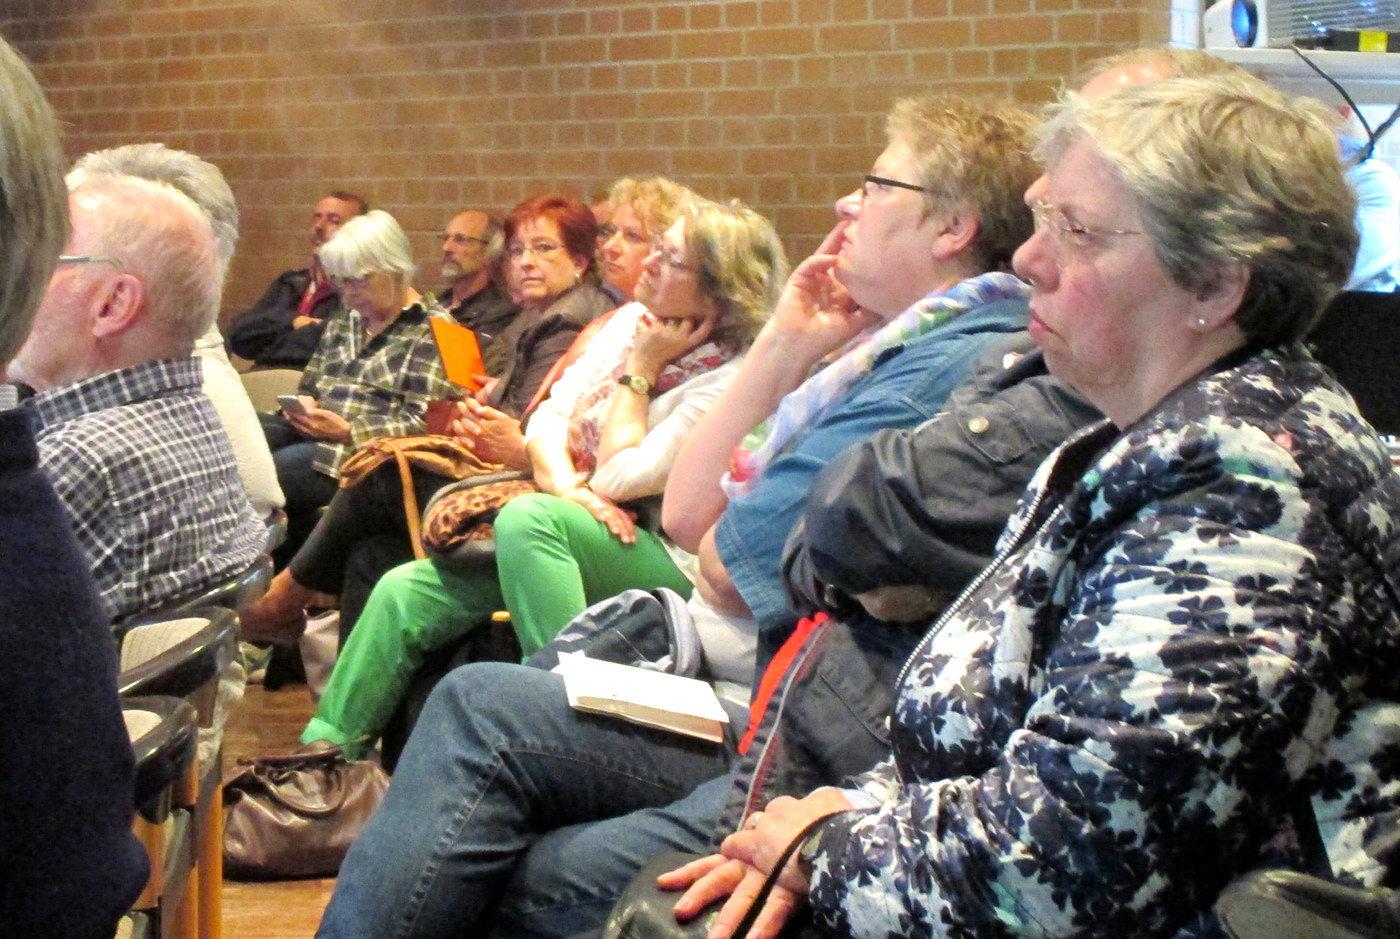 Knapp zwei Dutzend Zuhörer informierten sich am Abend über die mögliche Zukunft des Barneplatzes | Bild: Daniel Schneider